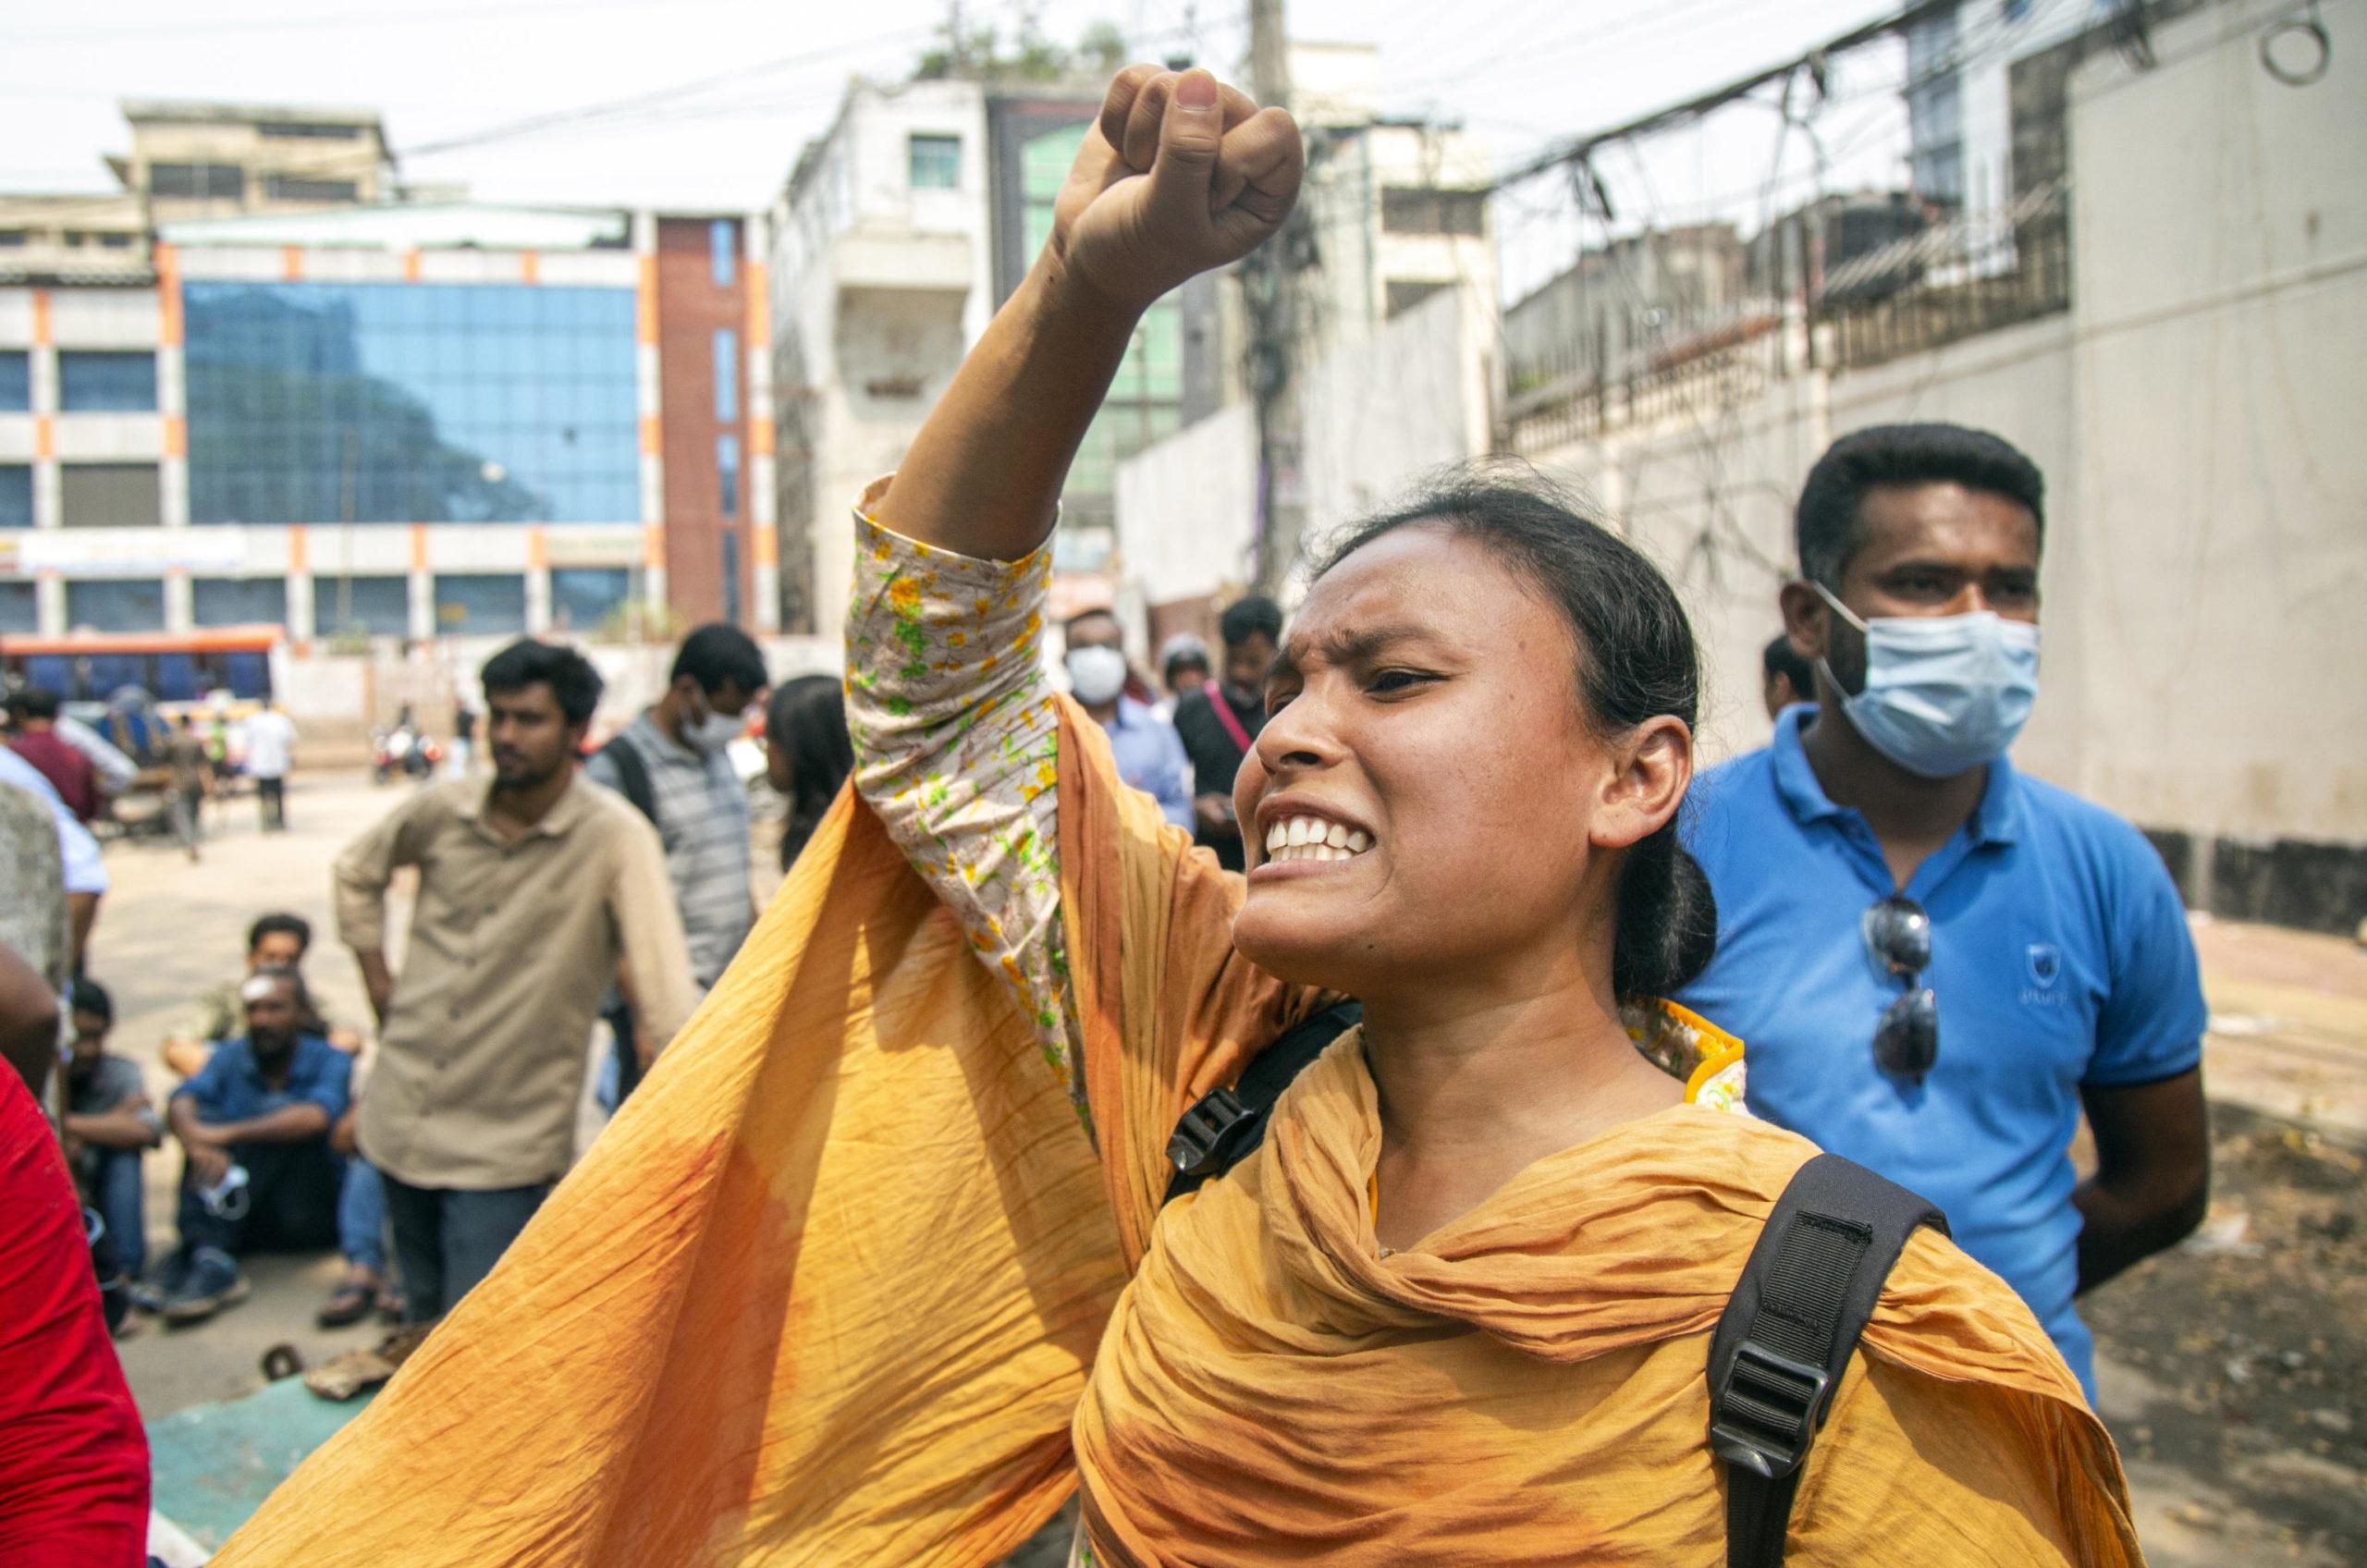 Una studentessa urla durante la marcia verso il ministero della Giustizia